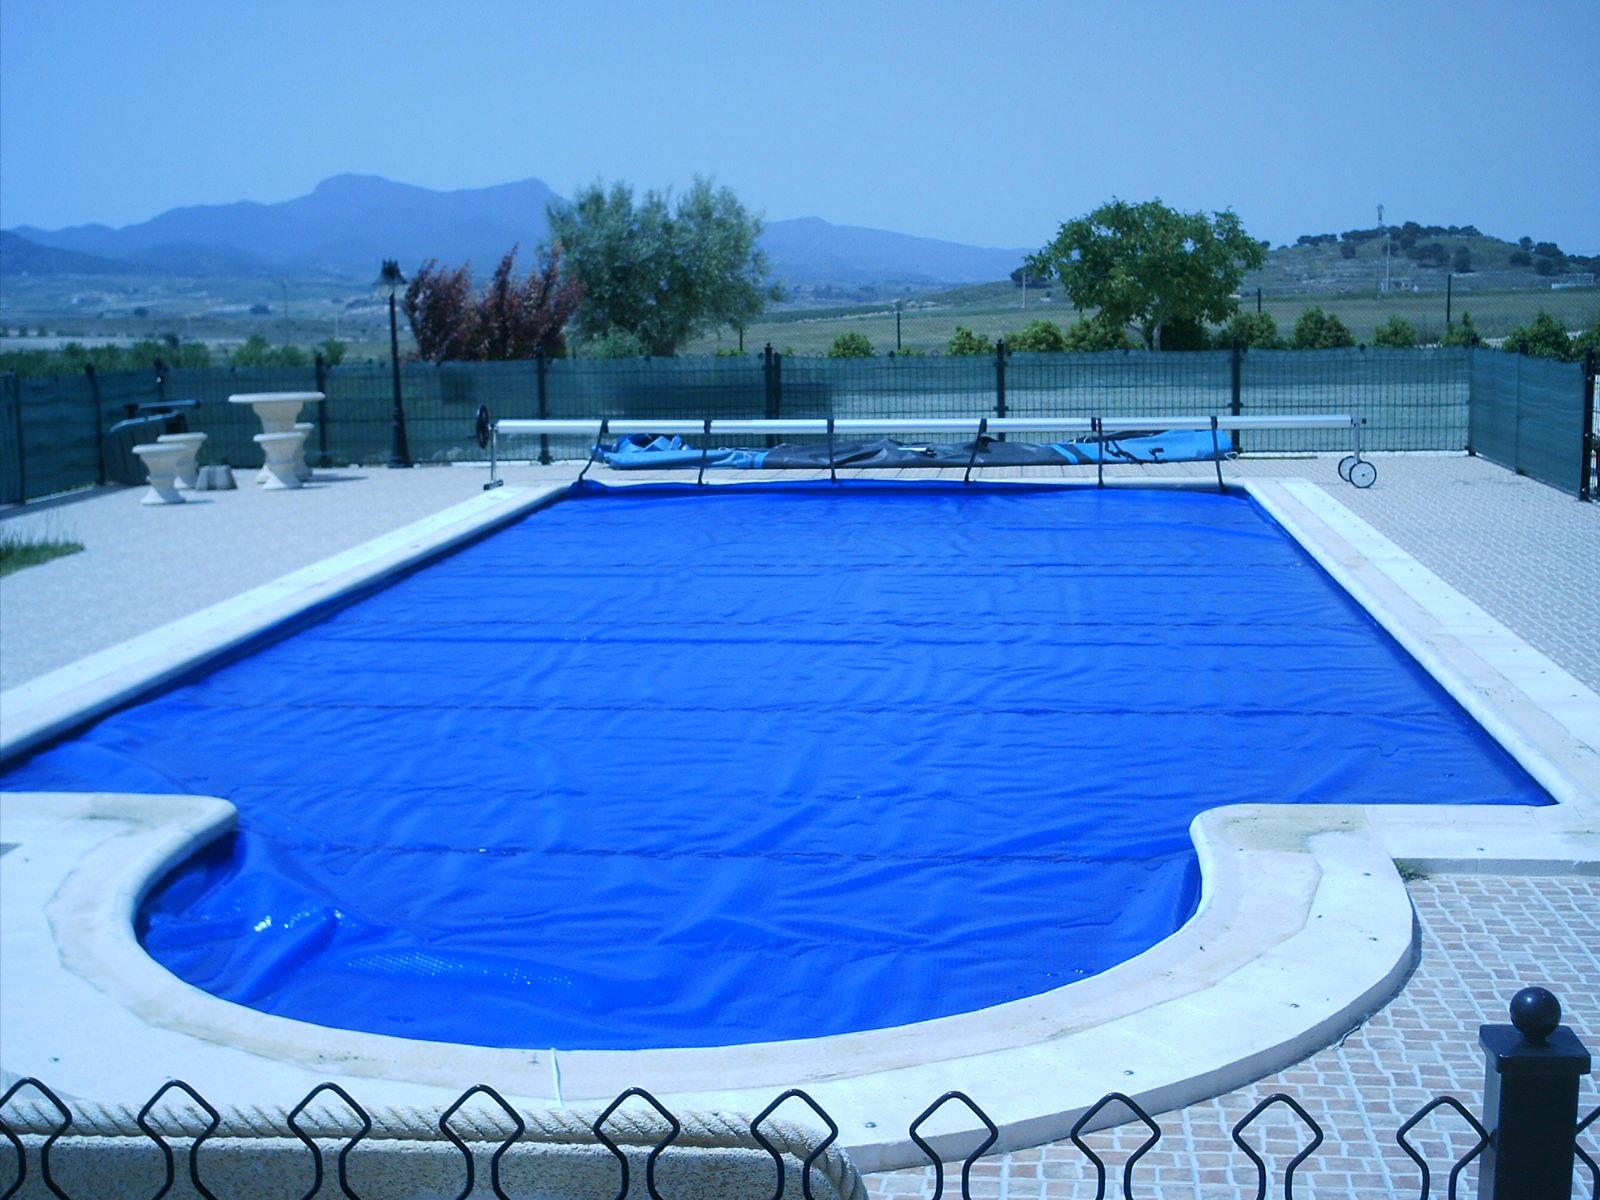 Plastico de burbujas para piscinas plastico de burbujas para calentar piscinas - Burbujas para piscinas ...